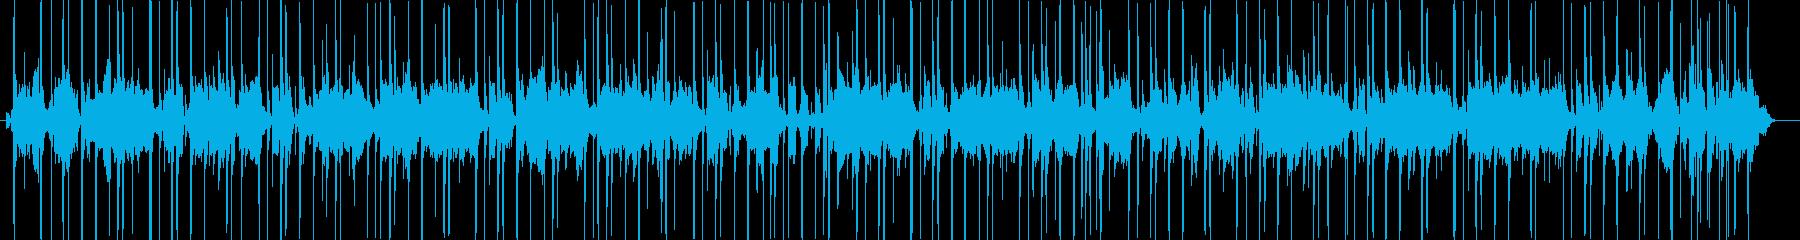 ファンキーなワウのスラップベースの再生済みの波形